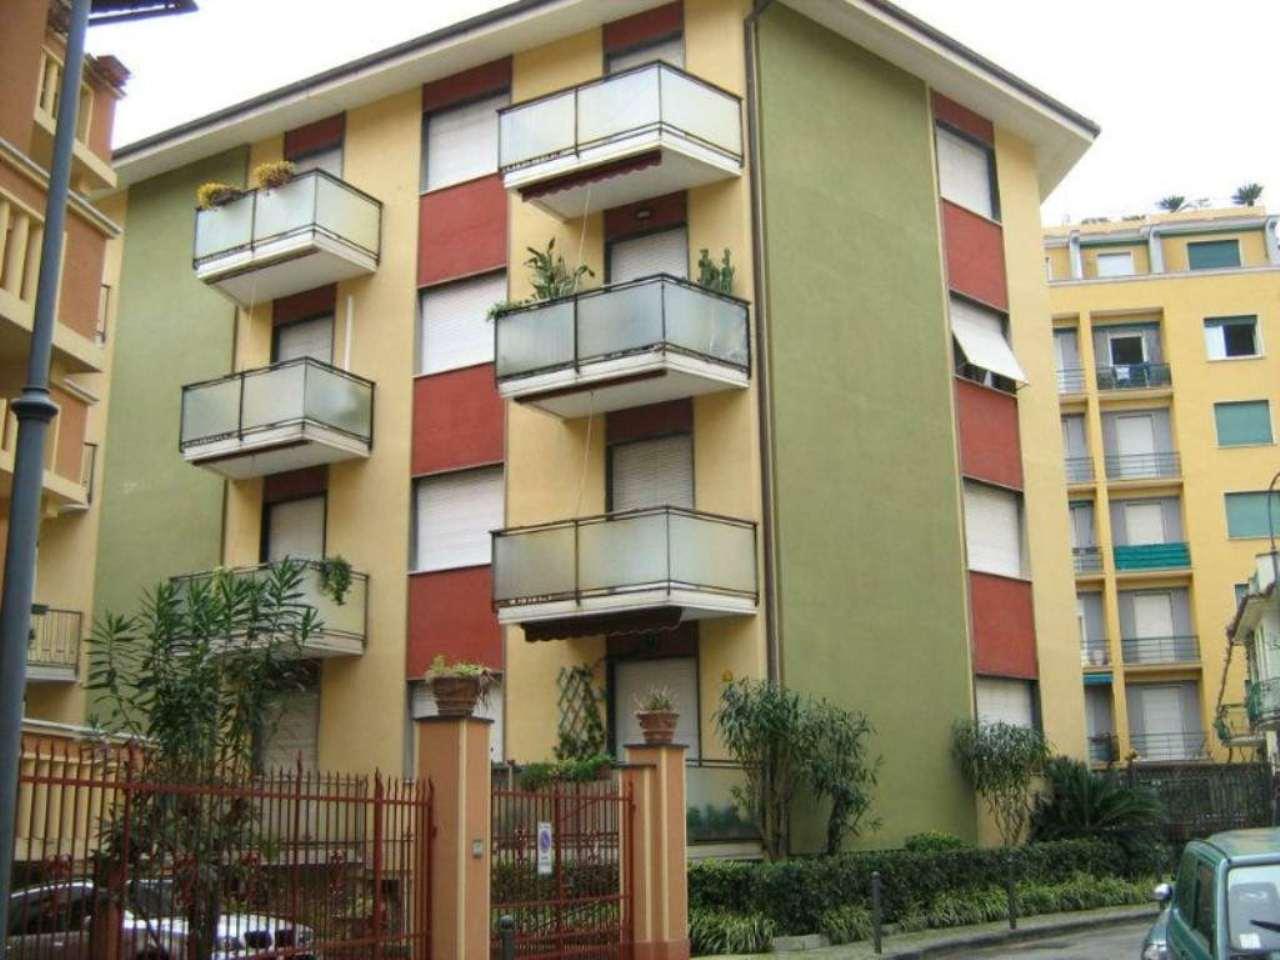 Appartamento in vendita a Rapallo, 3 locali, prezzo € 330.000 | Cambio Casa.it